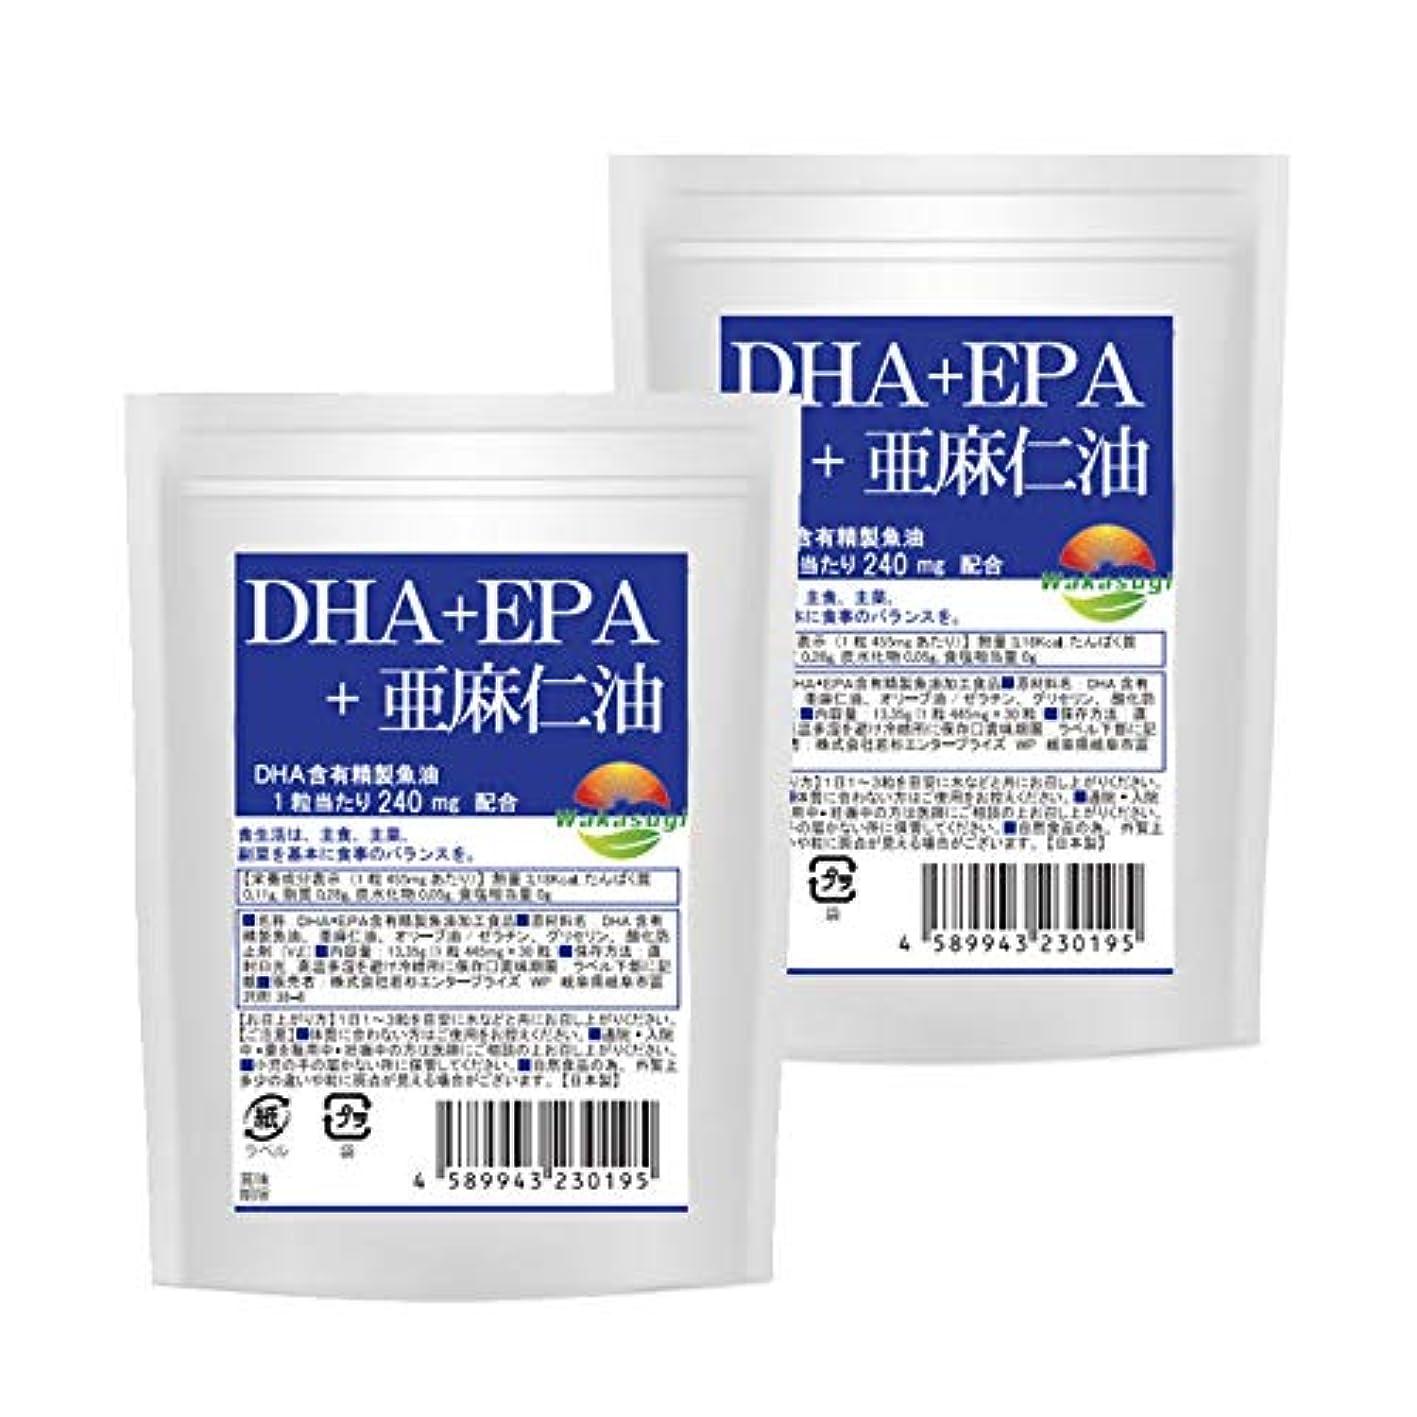 ミニ税金もろいDHA+EPA+亜麻仁油 30粒 2袋セット 計60粒 最大2か月分